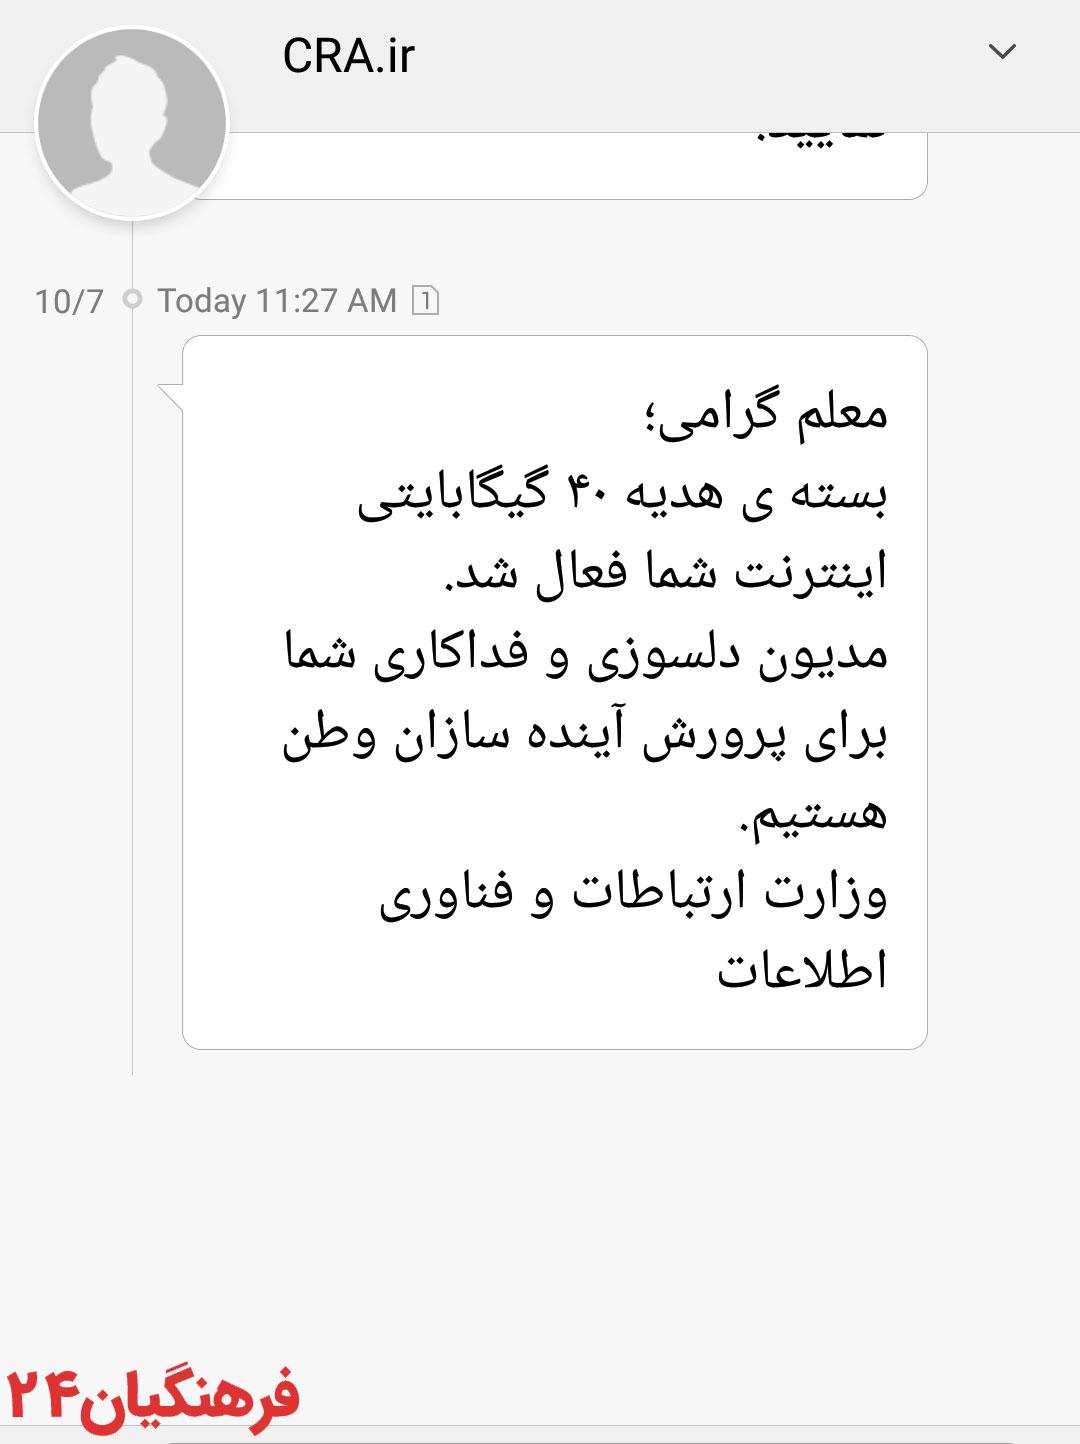 پیامک ارسالی از طرف وزارت ارتباطات در خصوص فعال شدن بسته هدیه 40 گیگابایتی اینترنت معلمان